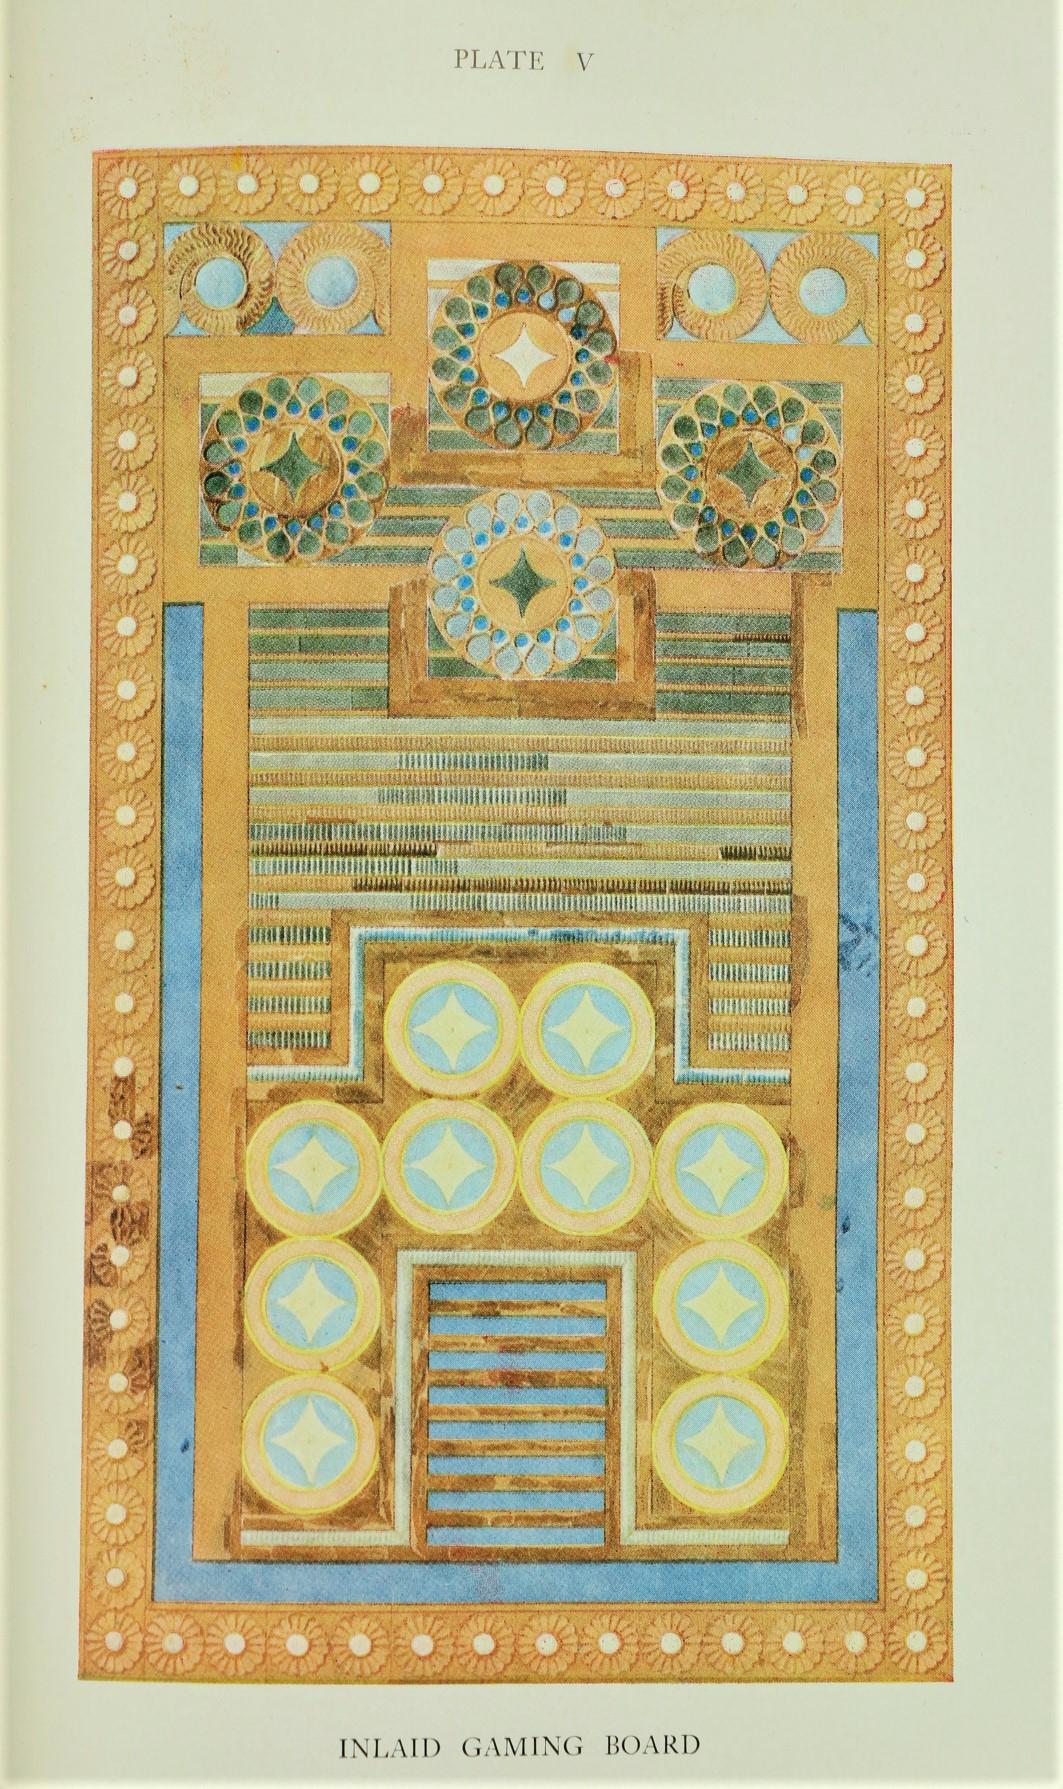 Evans (Sir Arthur)ÿThe Palaceÿof Minos,... at Knossos, Vols. 1 - 3, in 4 vols., 4to L. 1921 - 1930. - Image 3 of 4